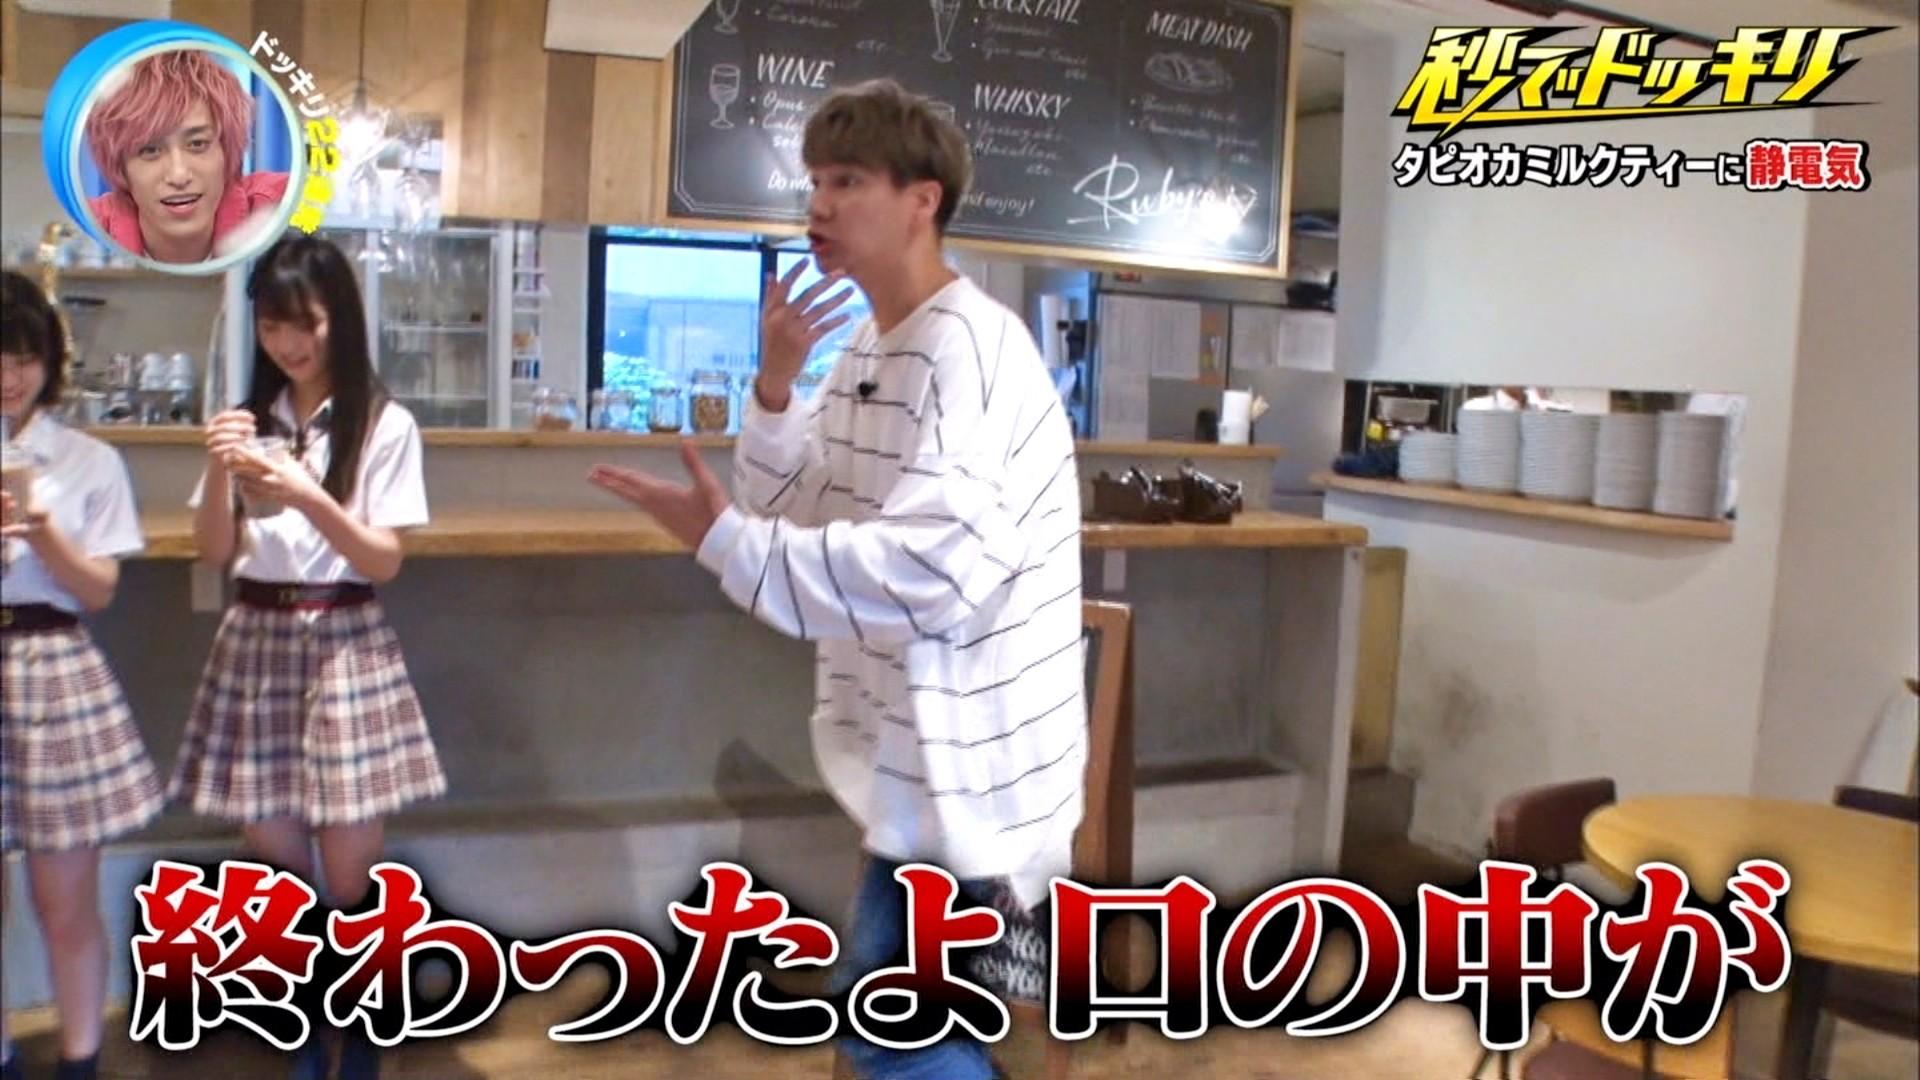 2019年11月30日にフジテレビ系列でほうそうされた「芸能人が本気で考えた!ドッキリGP」に出演したNMB48上西怜・大田莉央奈の画像-008